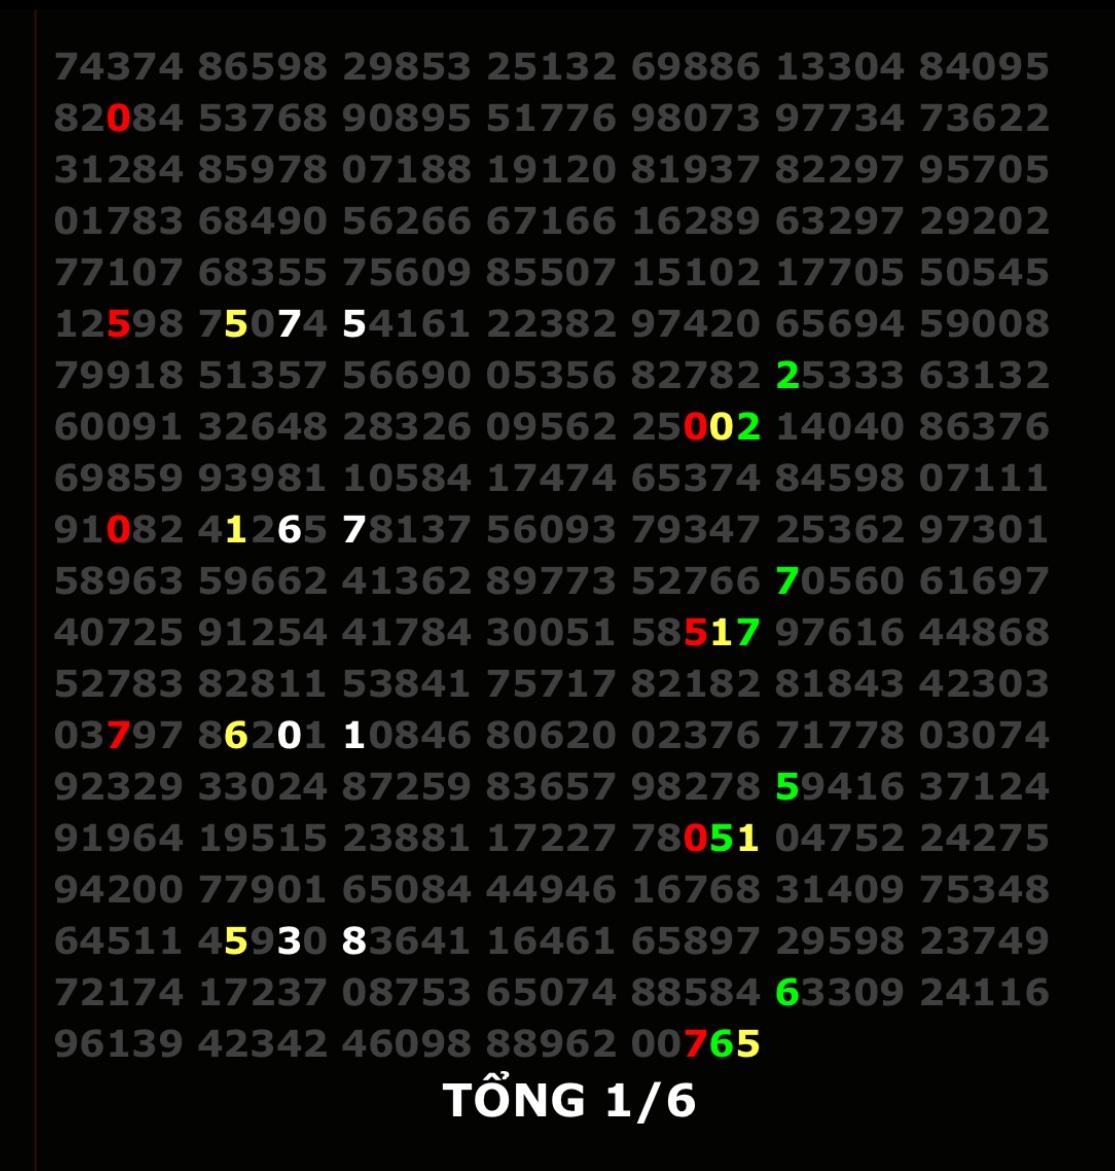 08520FFE-436A-40CC-B1AB-E4846AEAC2F1.jpeg